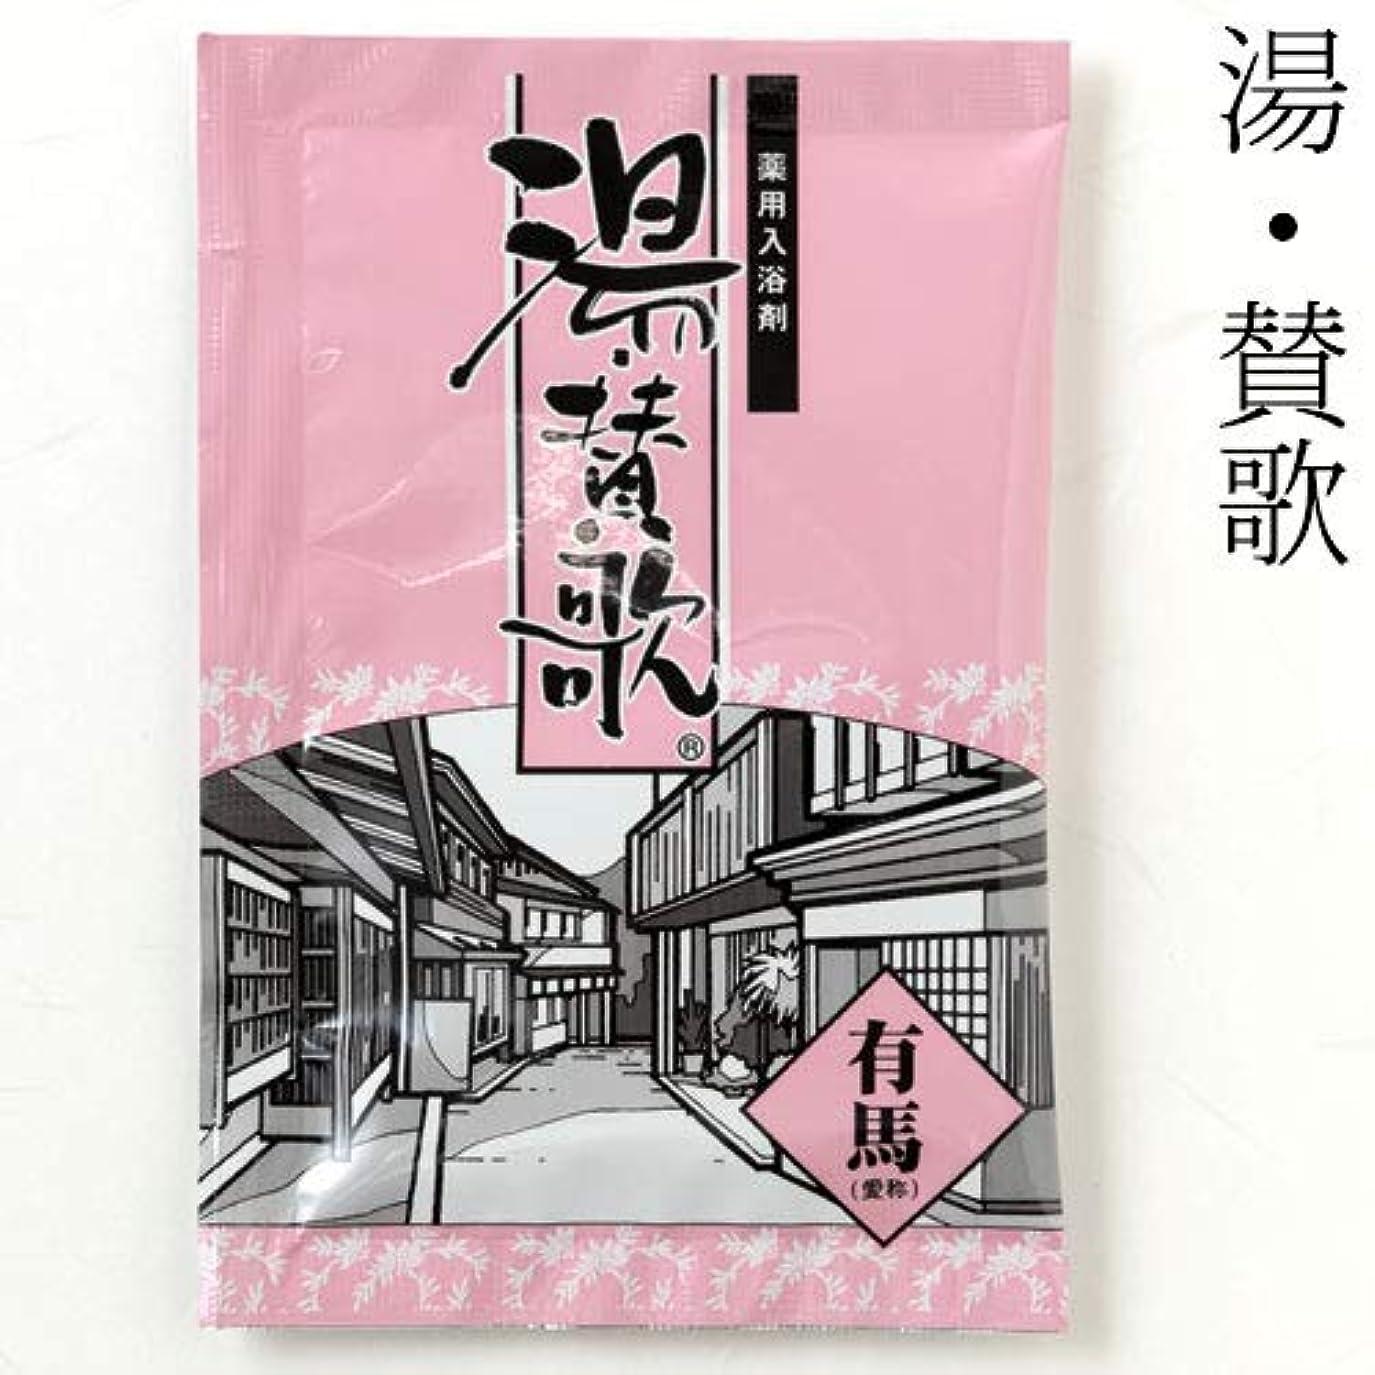 有害ヤング精緻化入浴剤湯?賛歌有馬1包石川県のお風呂グッズBath additive, Ishikawa craft